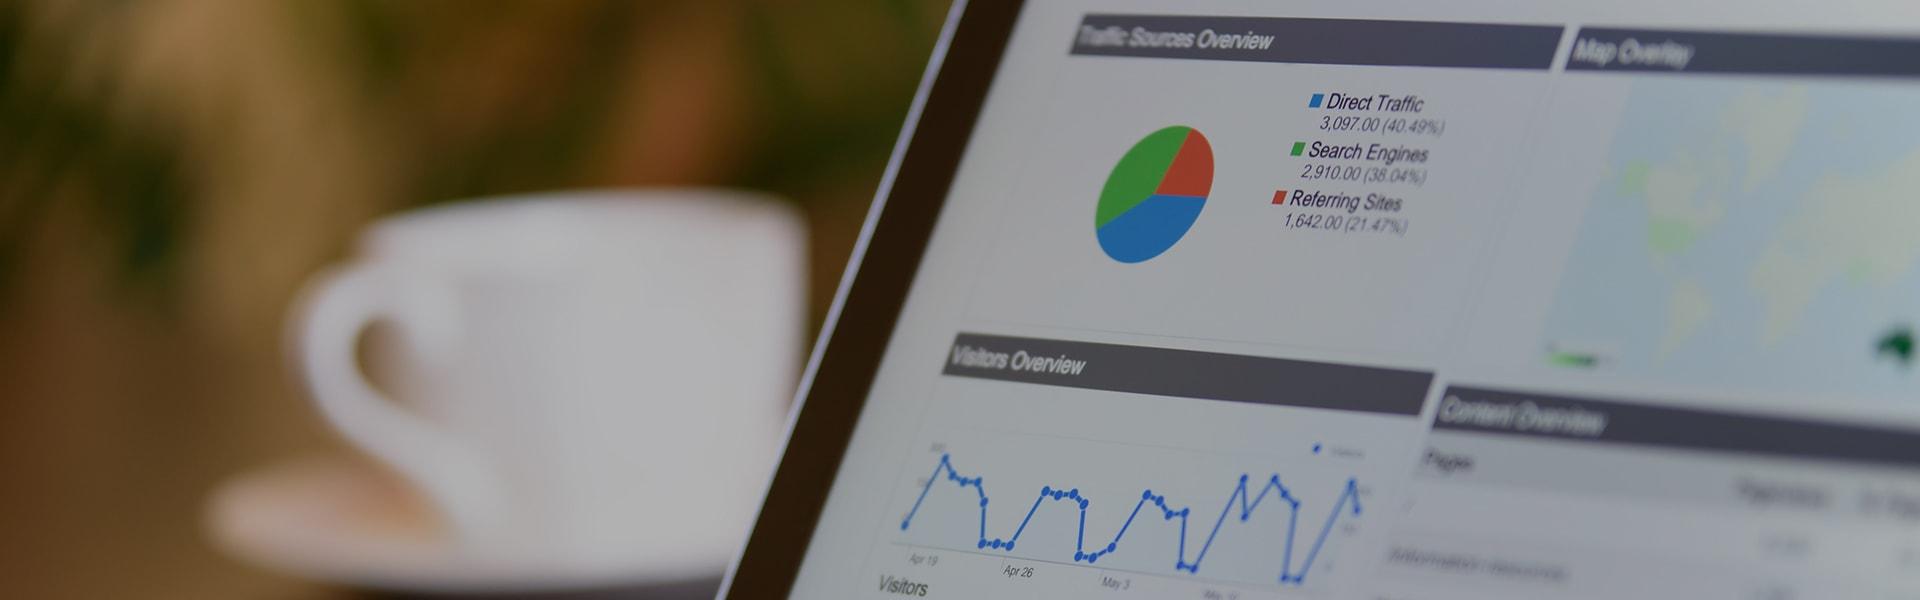 Analyzing & Evaluating Your Web & Marketing